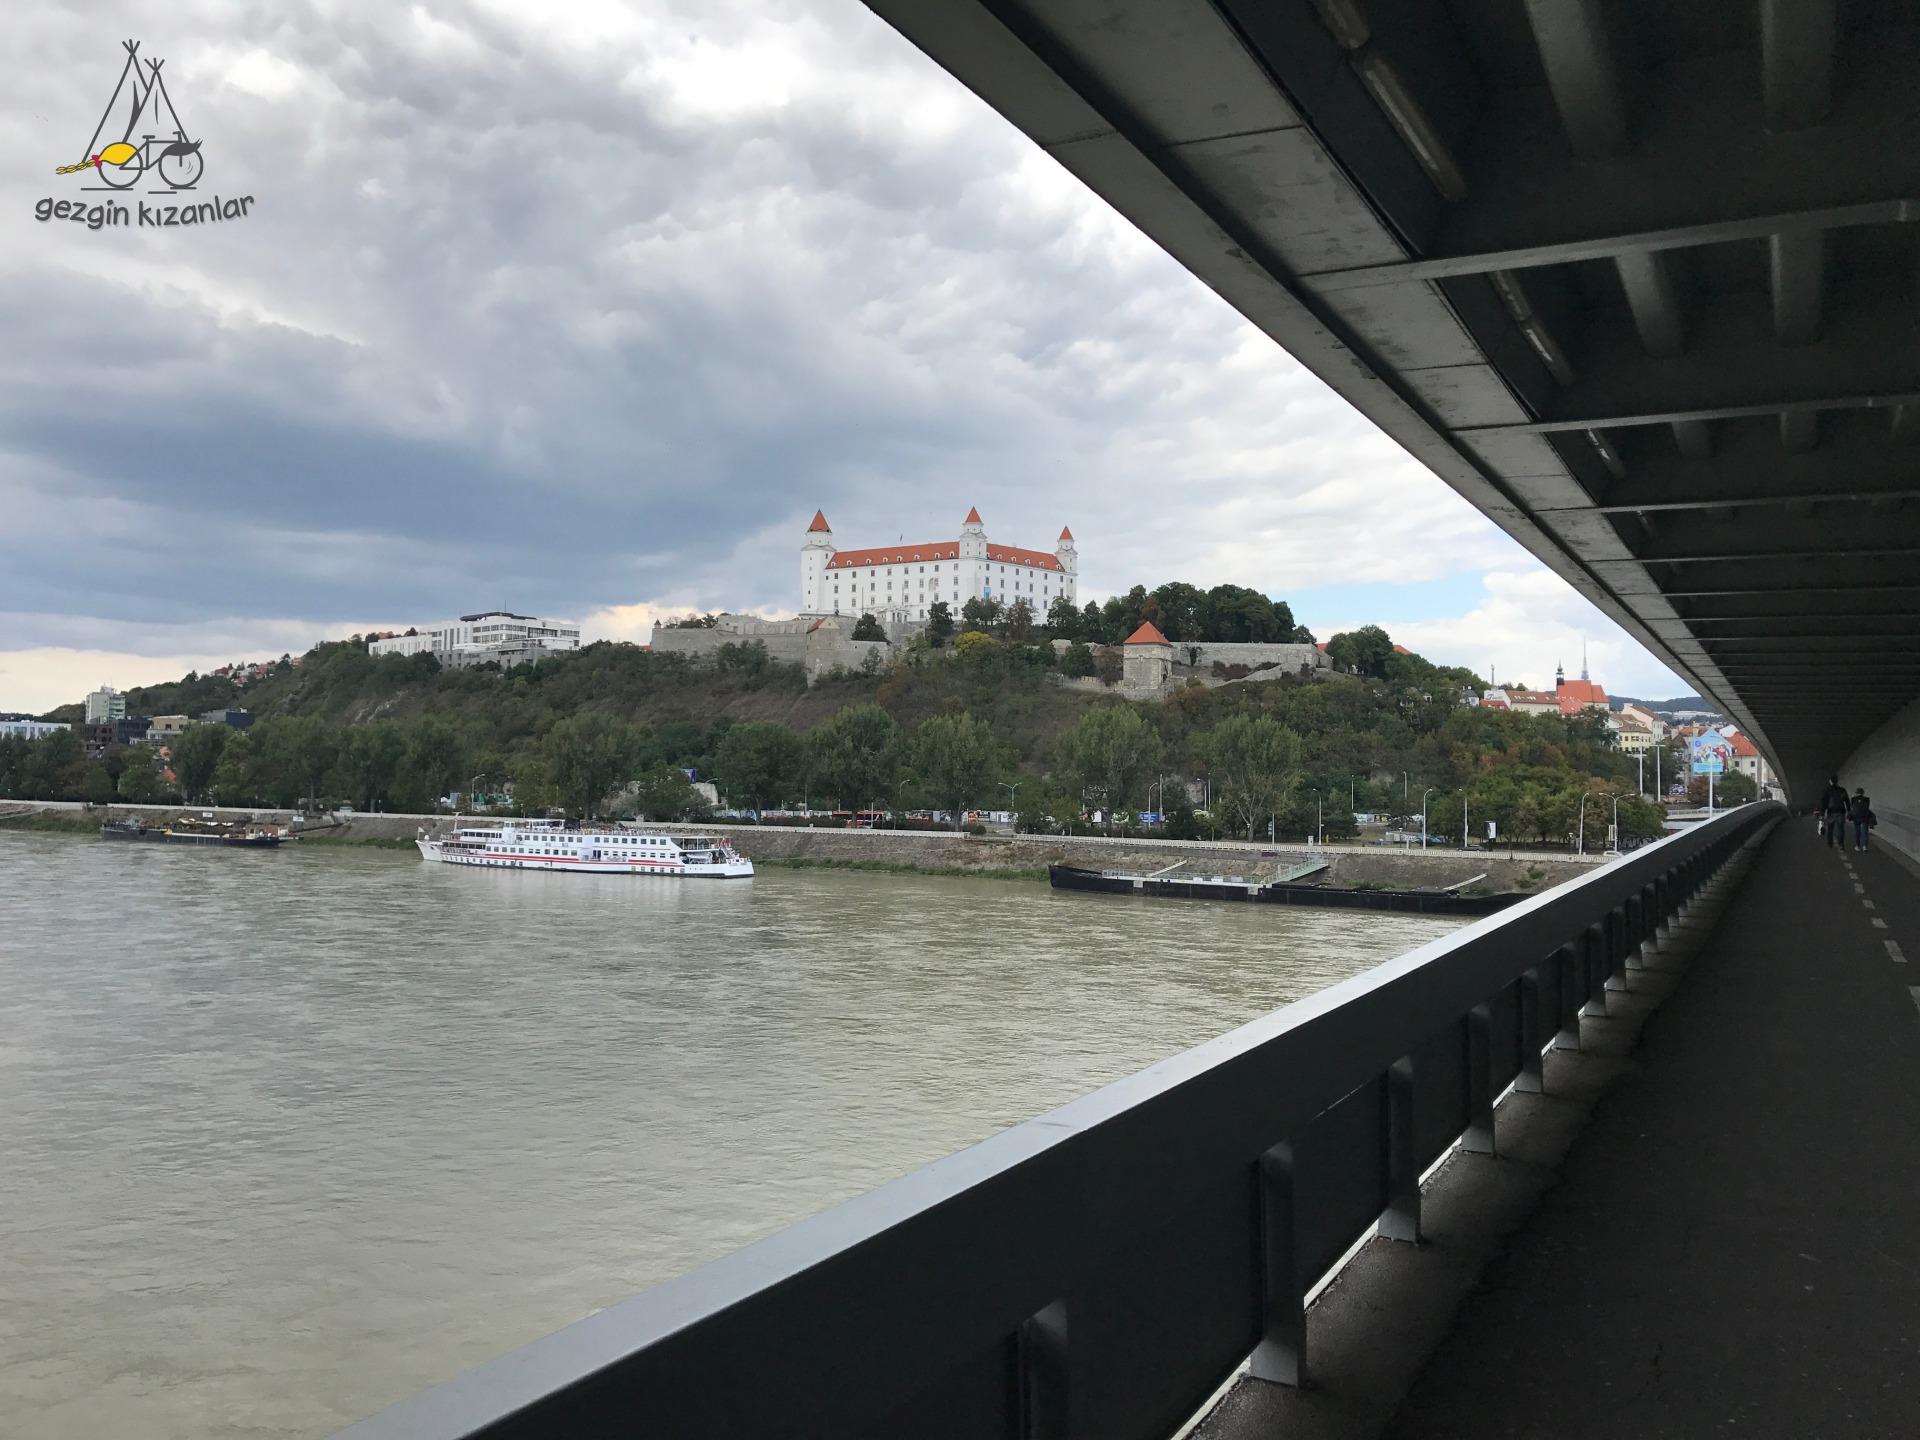 Bratislavaya Giriş